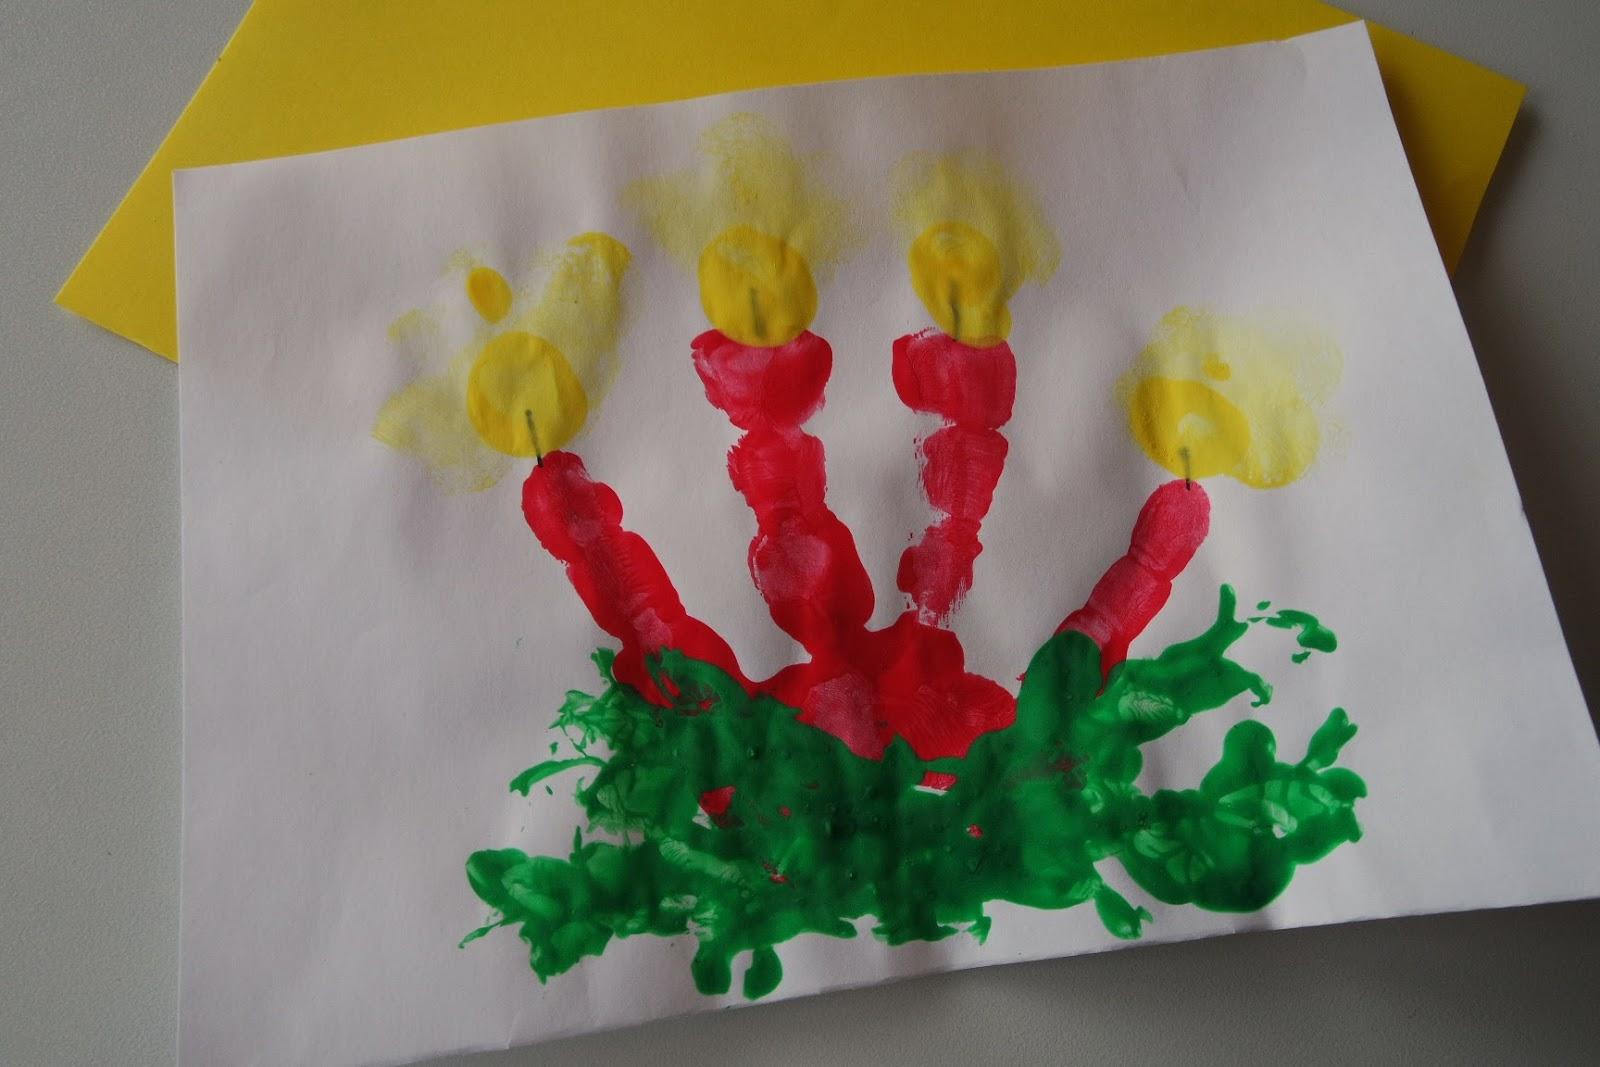 Adventskranz malen grundschule frohe weihnachten in europa - Adventskranz fur kindergarten ...